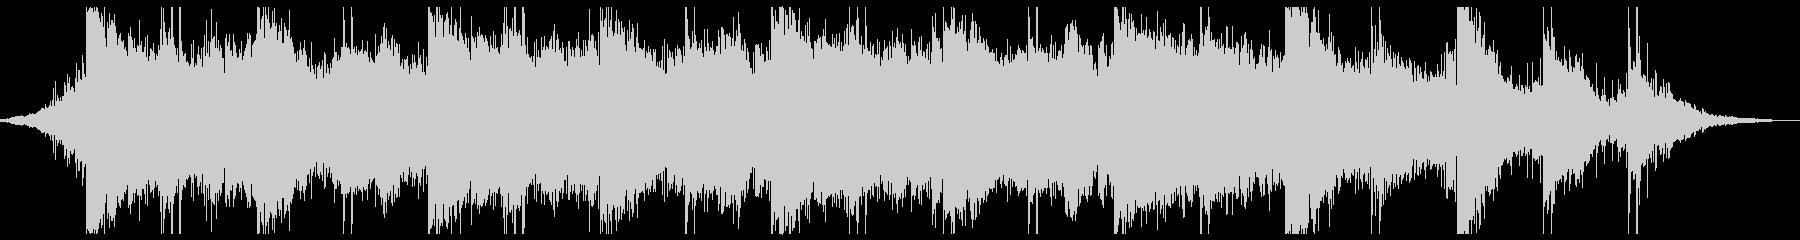 EBOWギターのスローテクノの未再生の波形